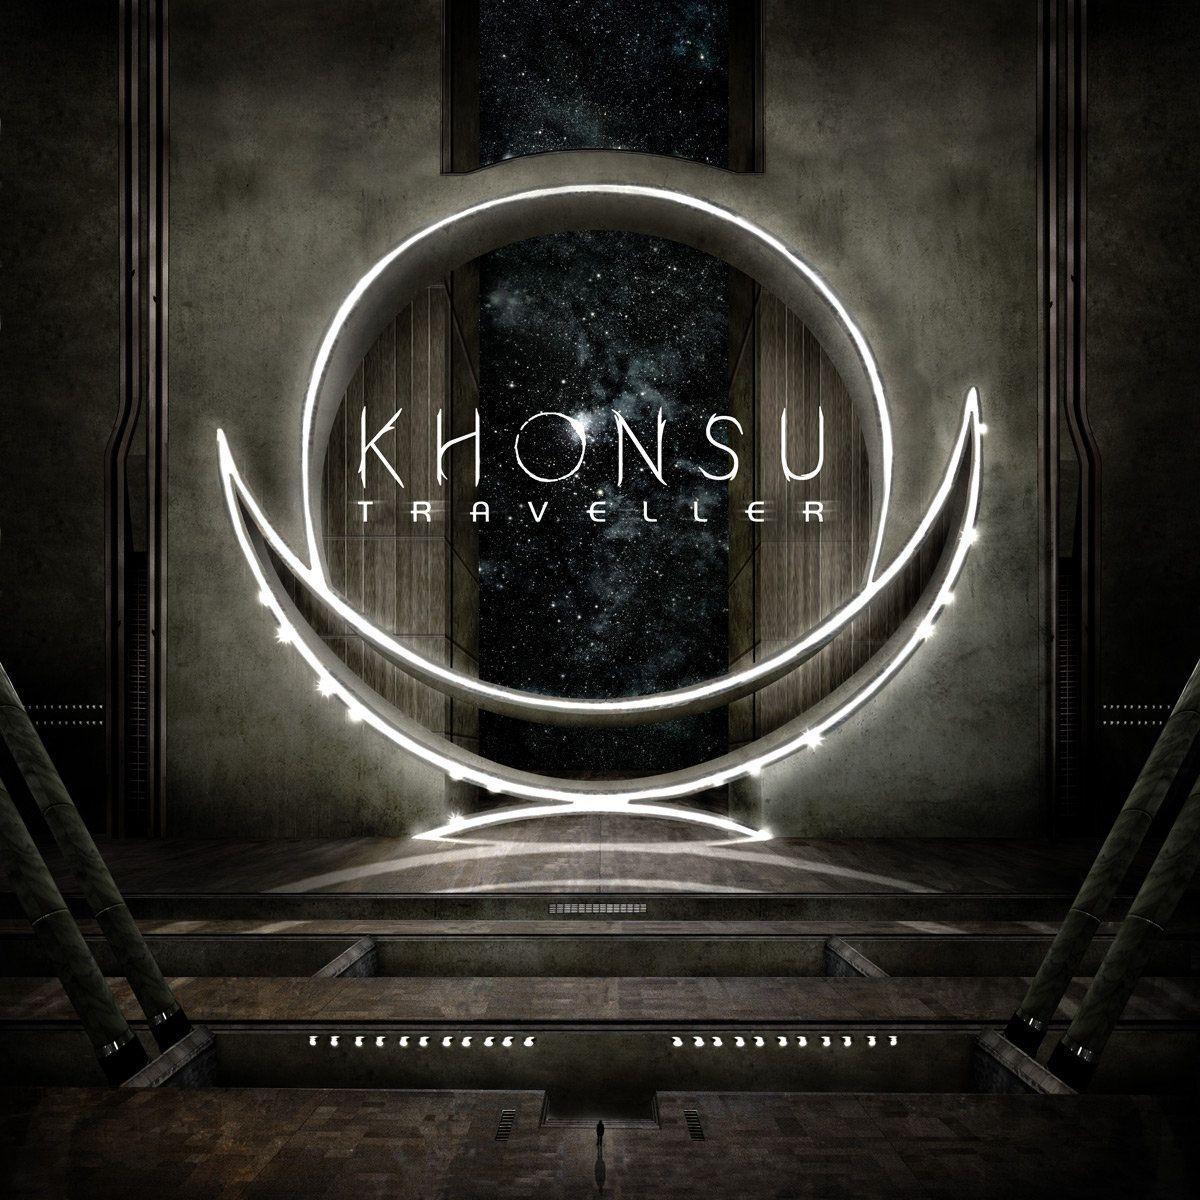 Khonsu - Traveller